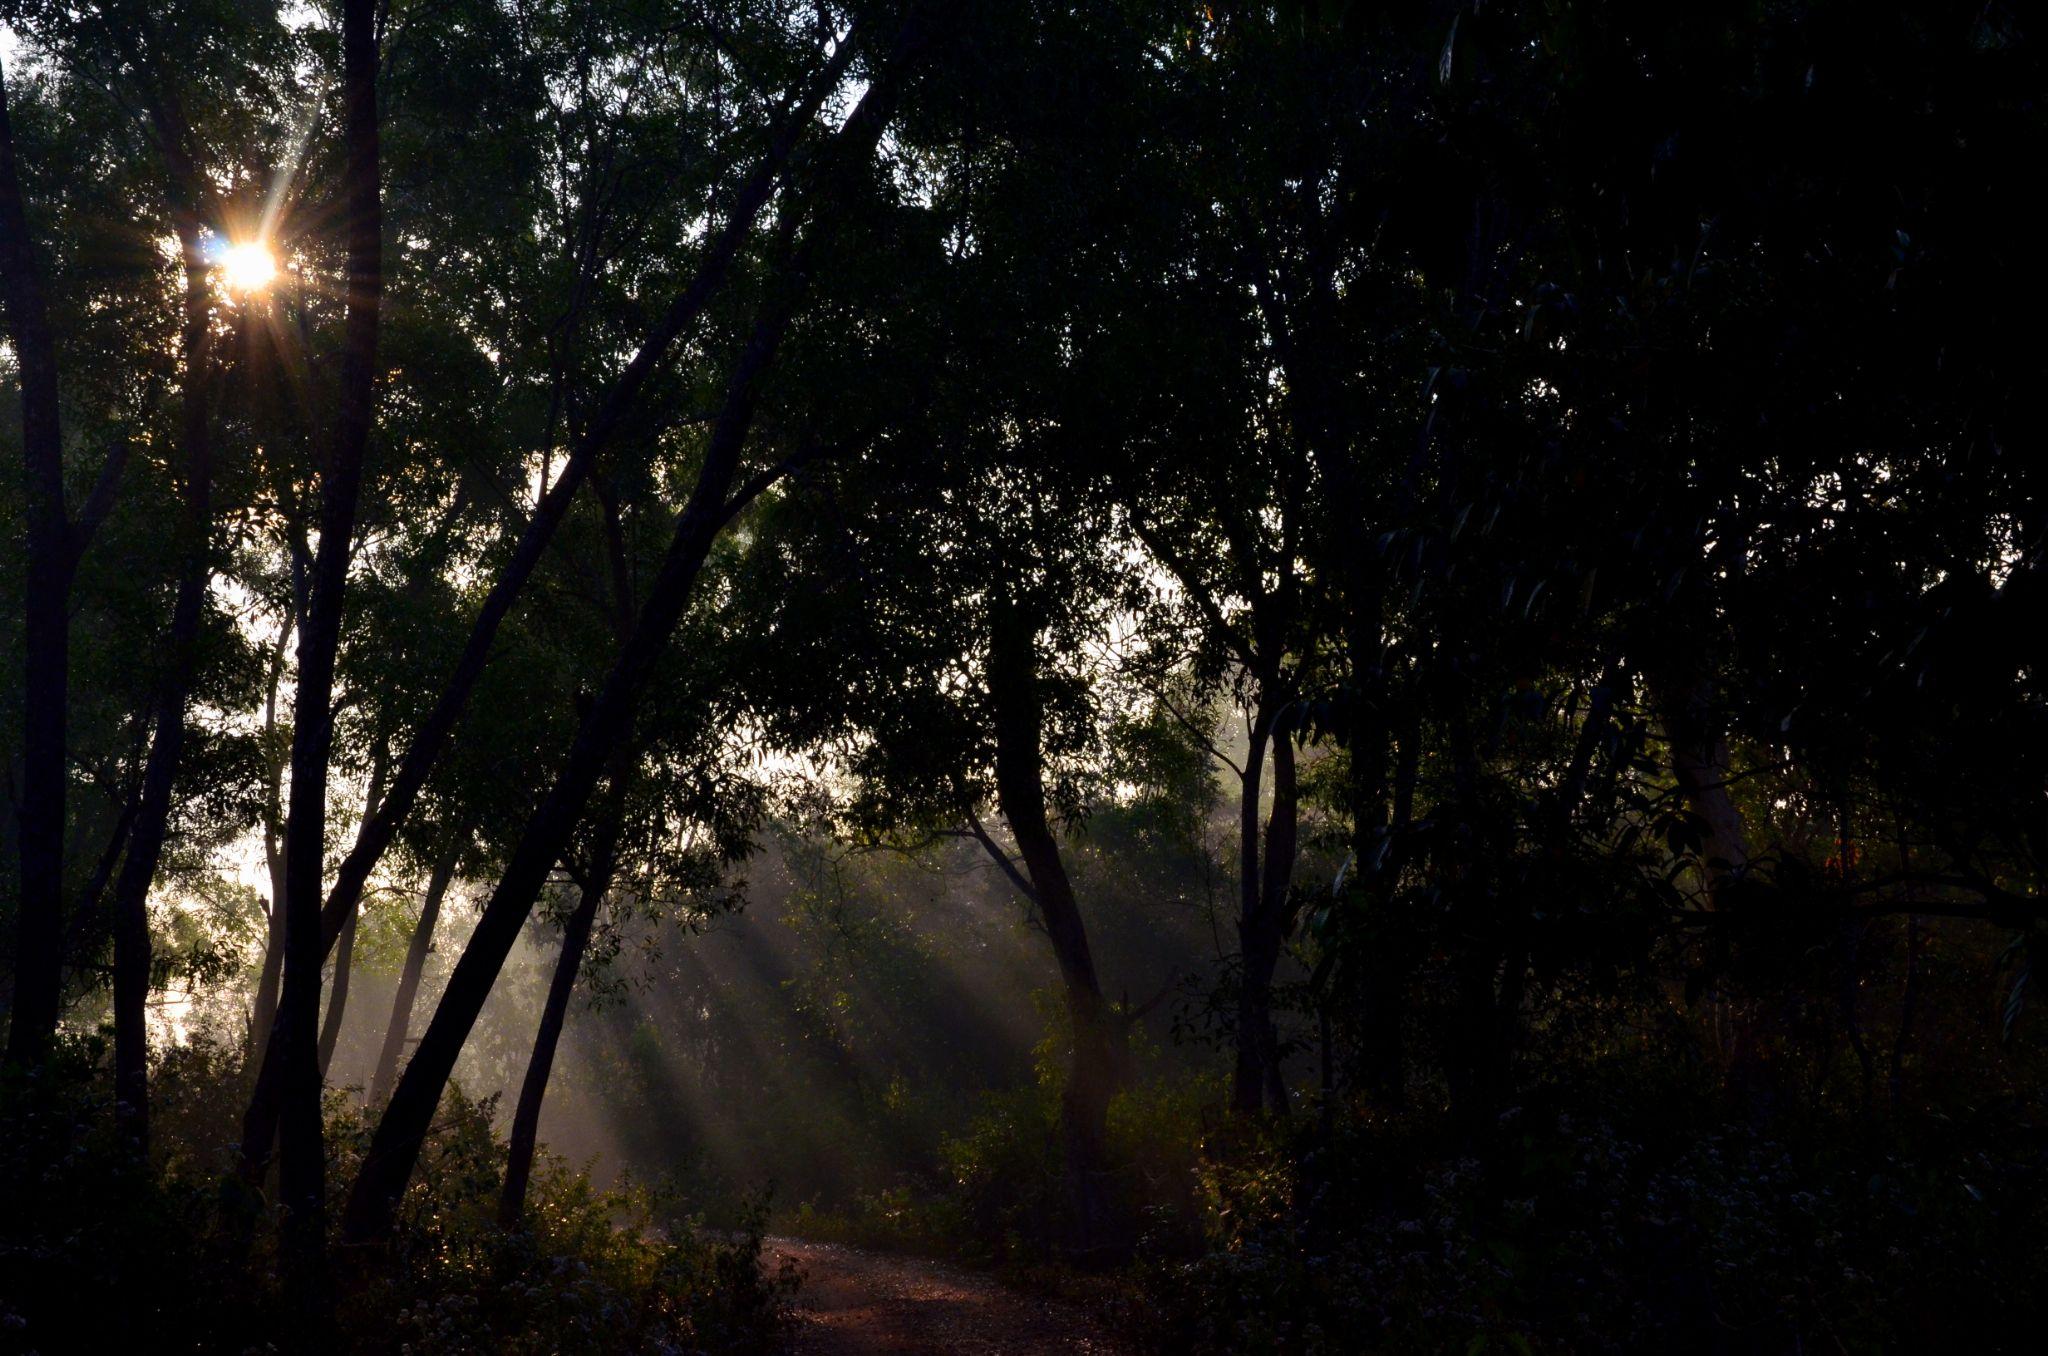 Rays of Hope... by sriramshankars